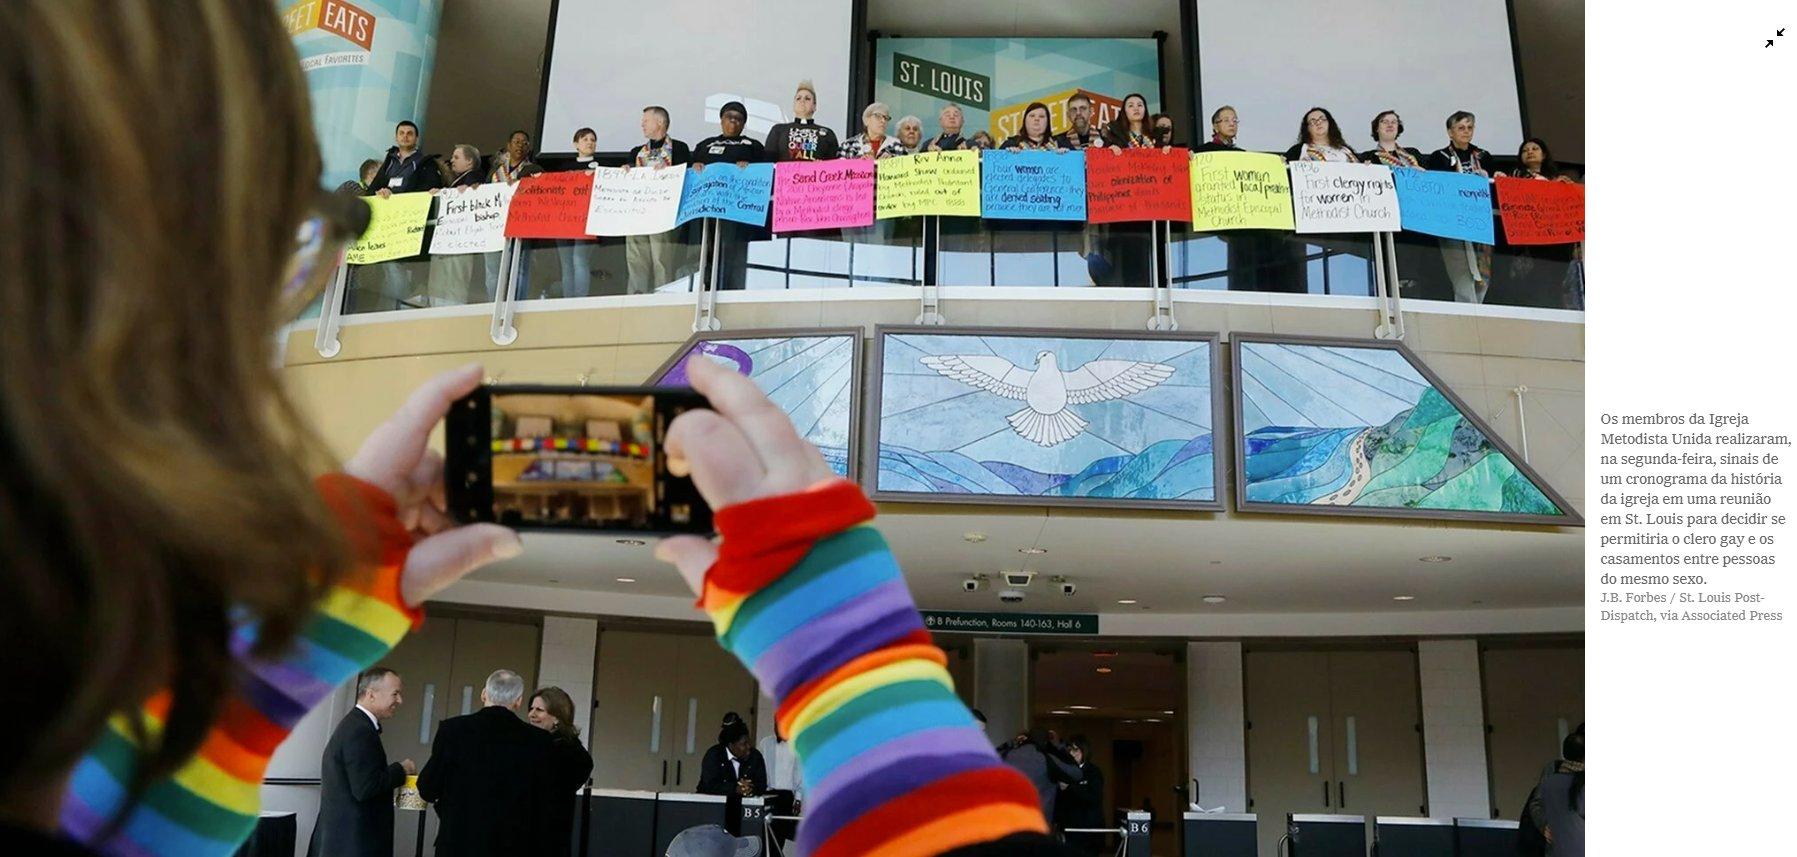 Igreja Metodista Unida não aprova casamento entre pessoas de mesmo sexo